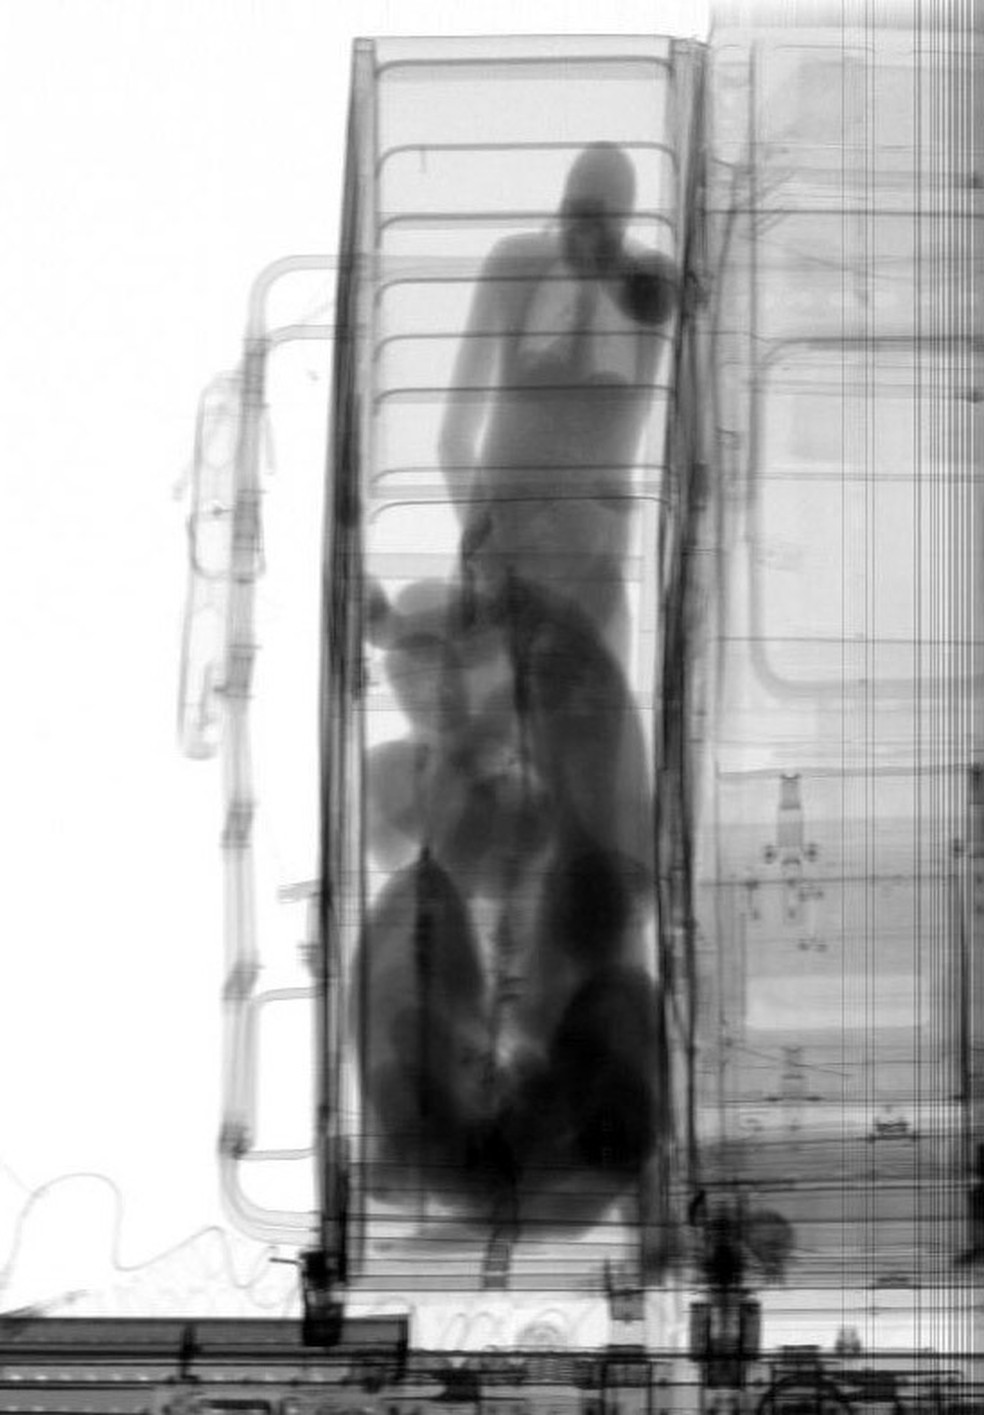 Escâner revelou pessoas e drogas em compartimento secreto em cabine de caminhão no Porto de Santos, SP  â?? Foto: G1 Santos